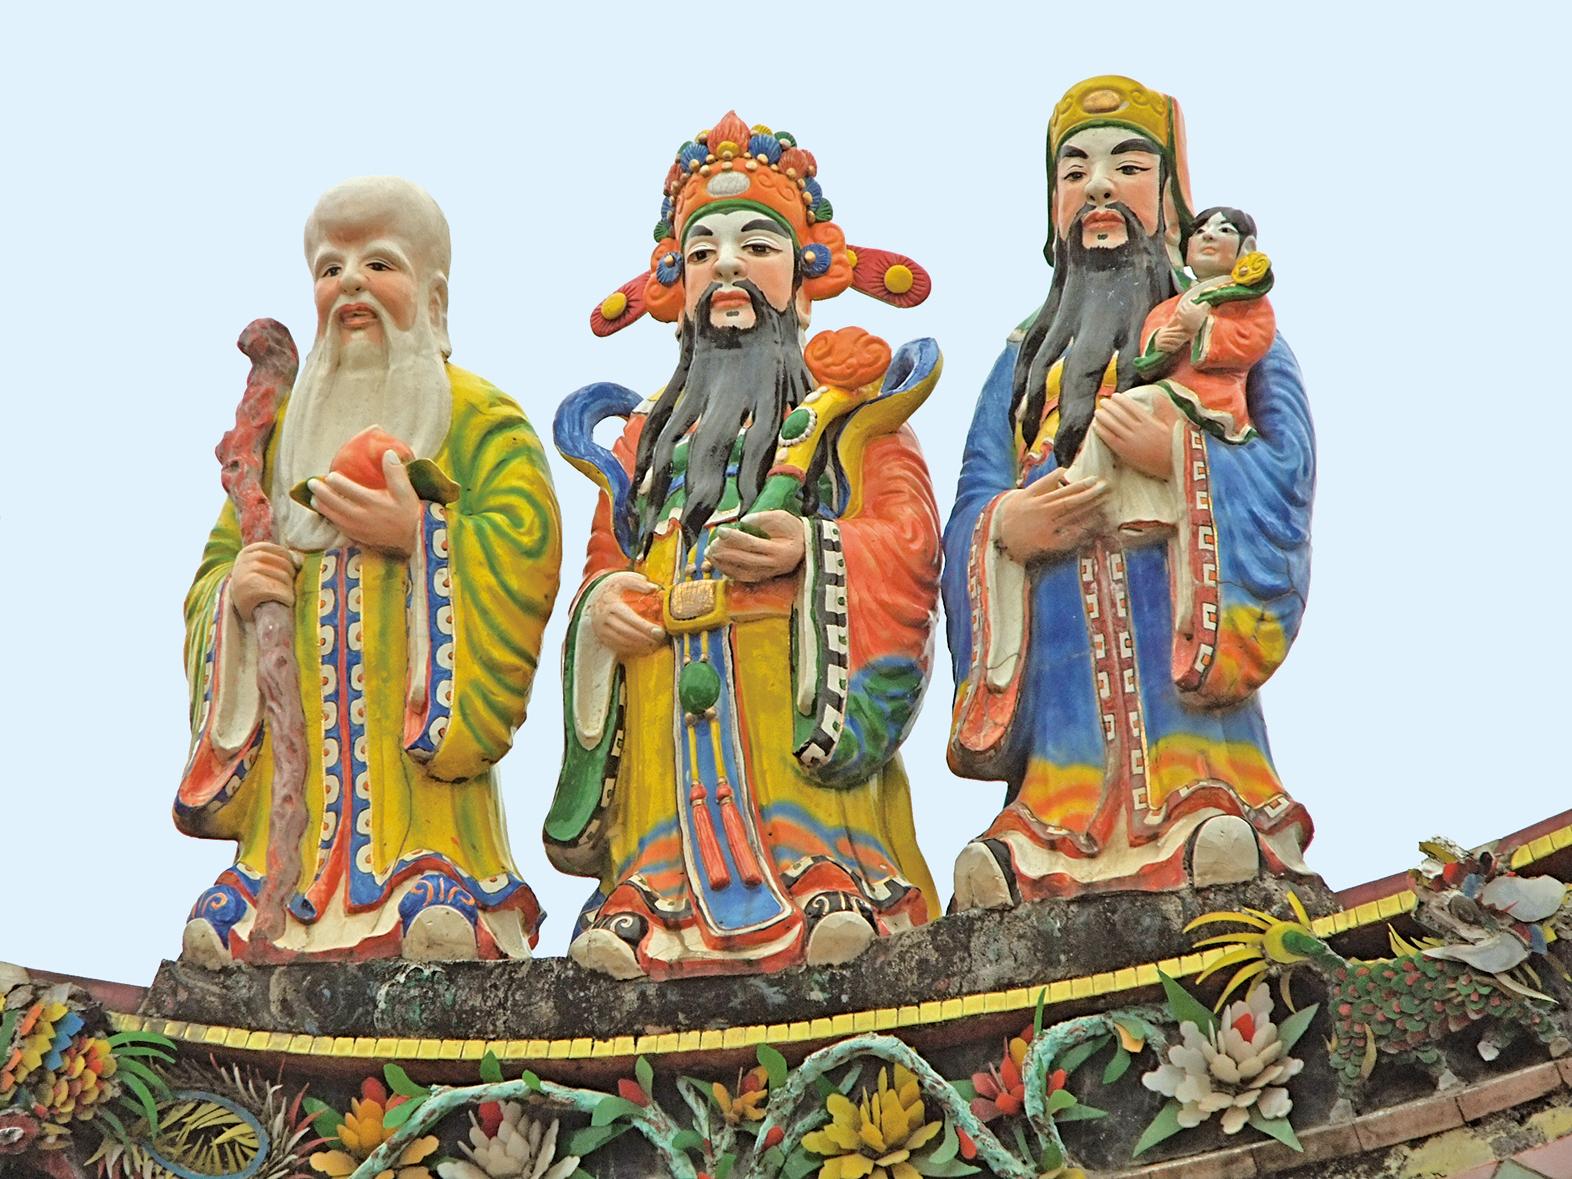 圖為福、祿、壽三仙,由左至右依序是壽星、福星、祿星。(Vmenkov /維基百科)